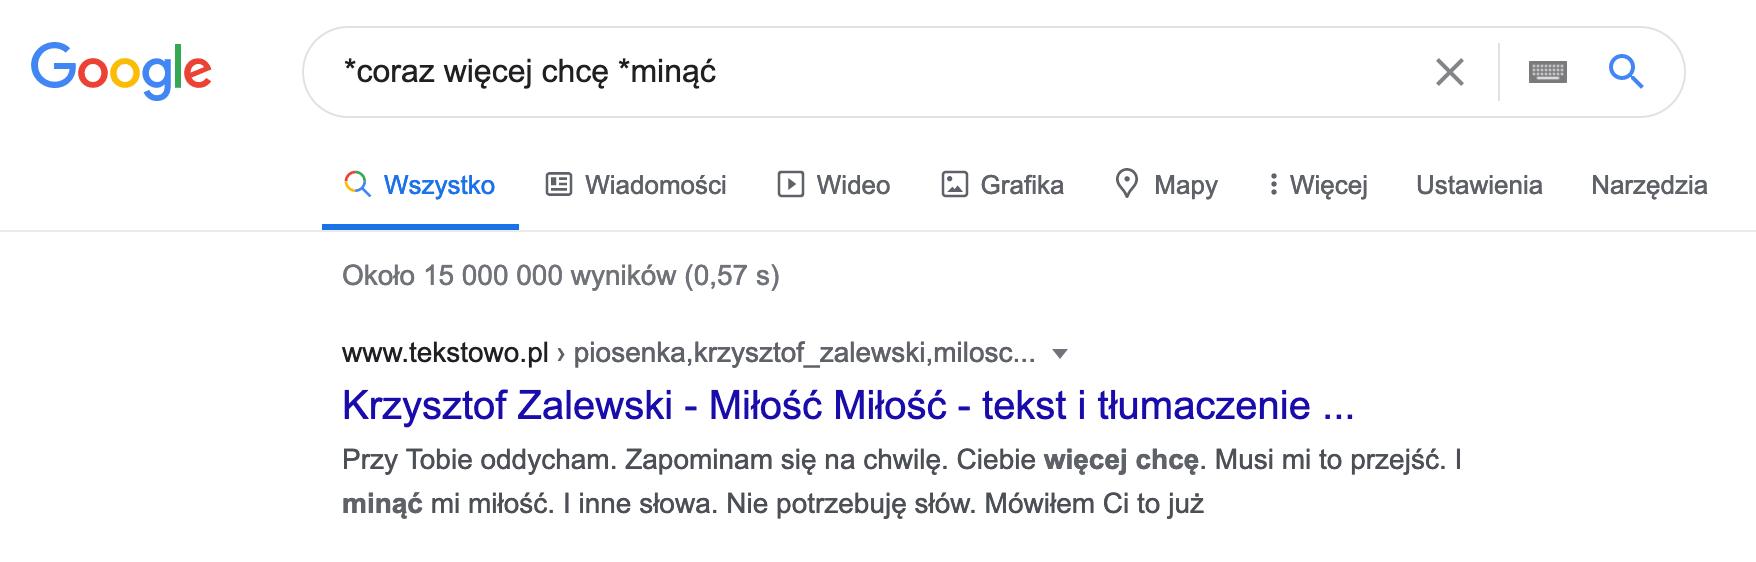 Wyszukiwanie w google z frazami synonimicznymi